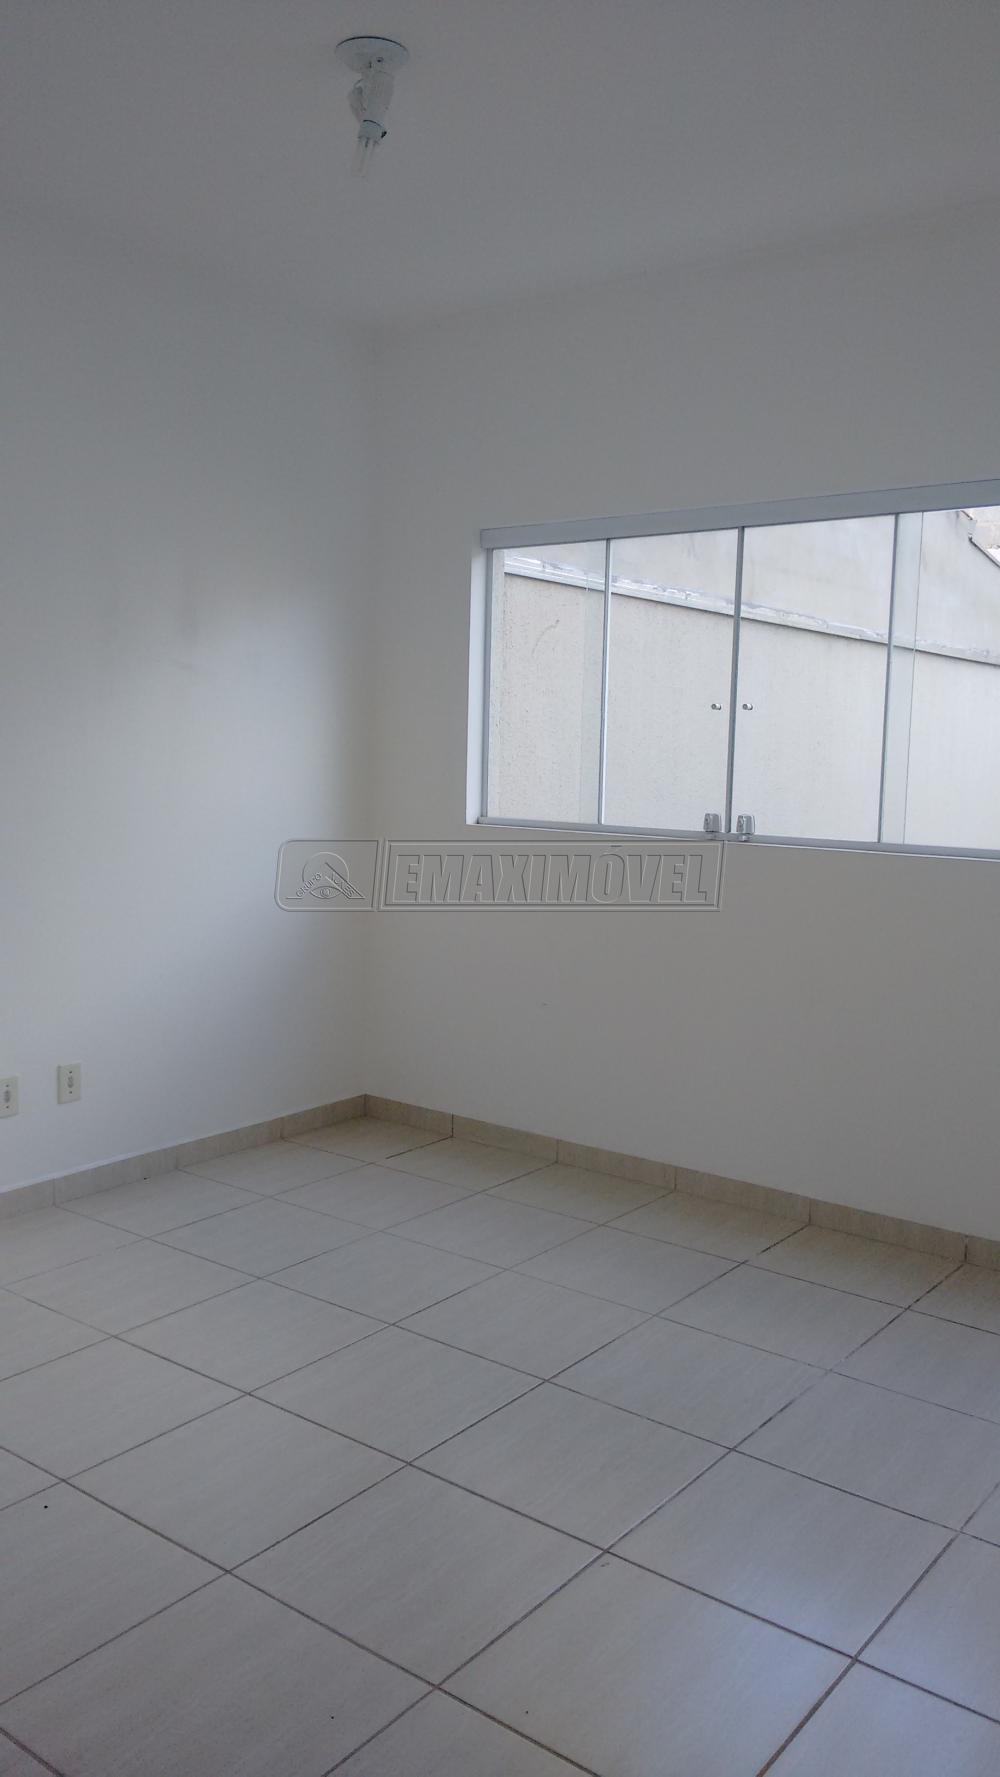 Comprar Casas / em Condomínios em Sorocaba apenas R$ 420.000,00 - Foto 11